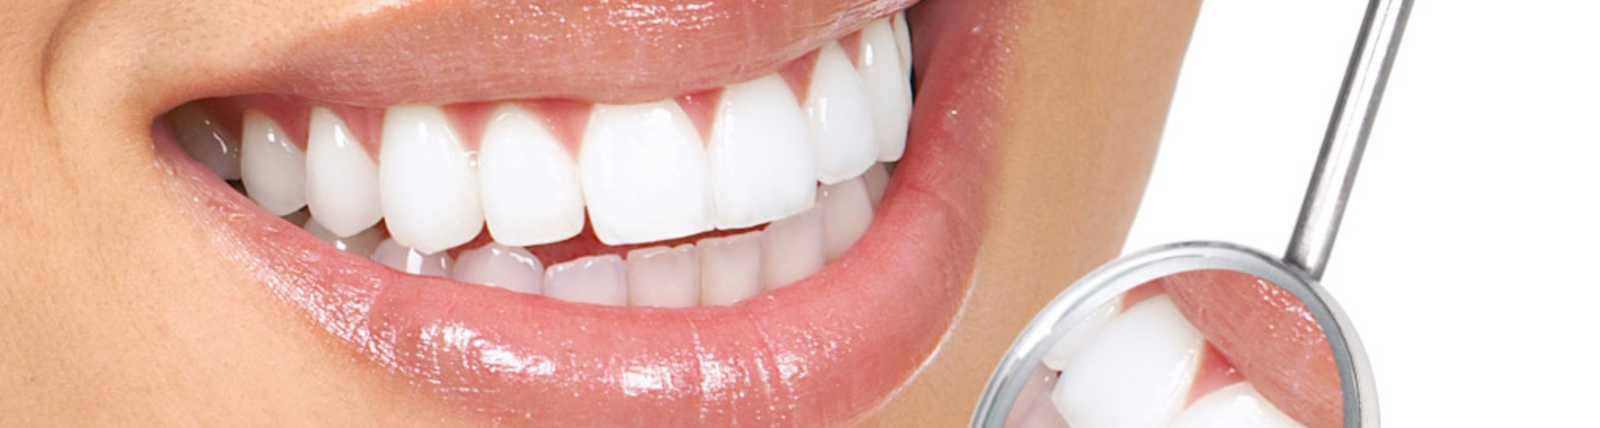 Seahurst Dental Design, PLLC